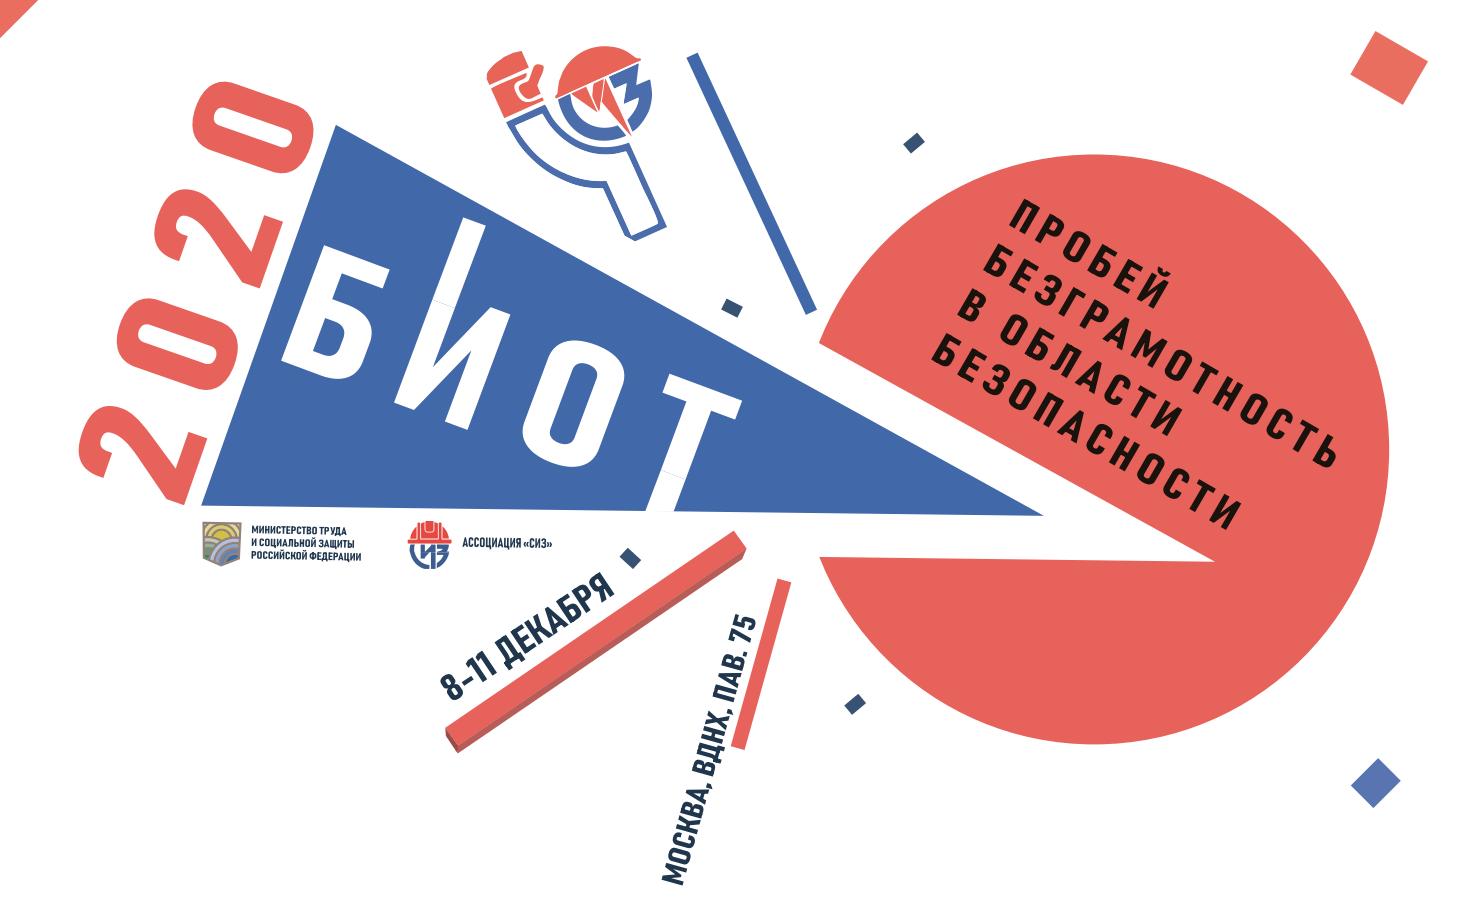 Об оценке соответствия средств индивидуальной защиты на онлайн-выставке «БИОТ-2020»